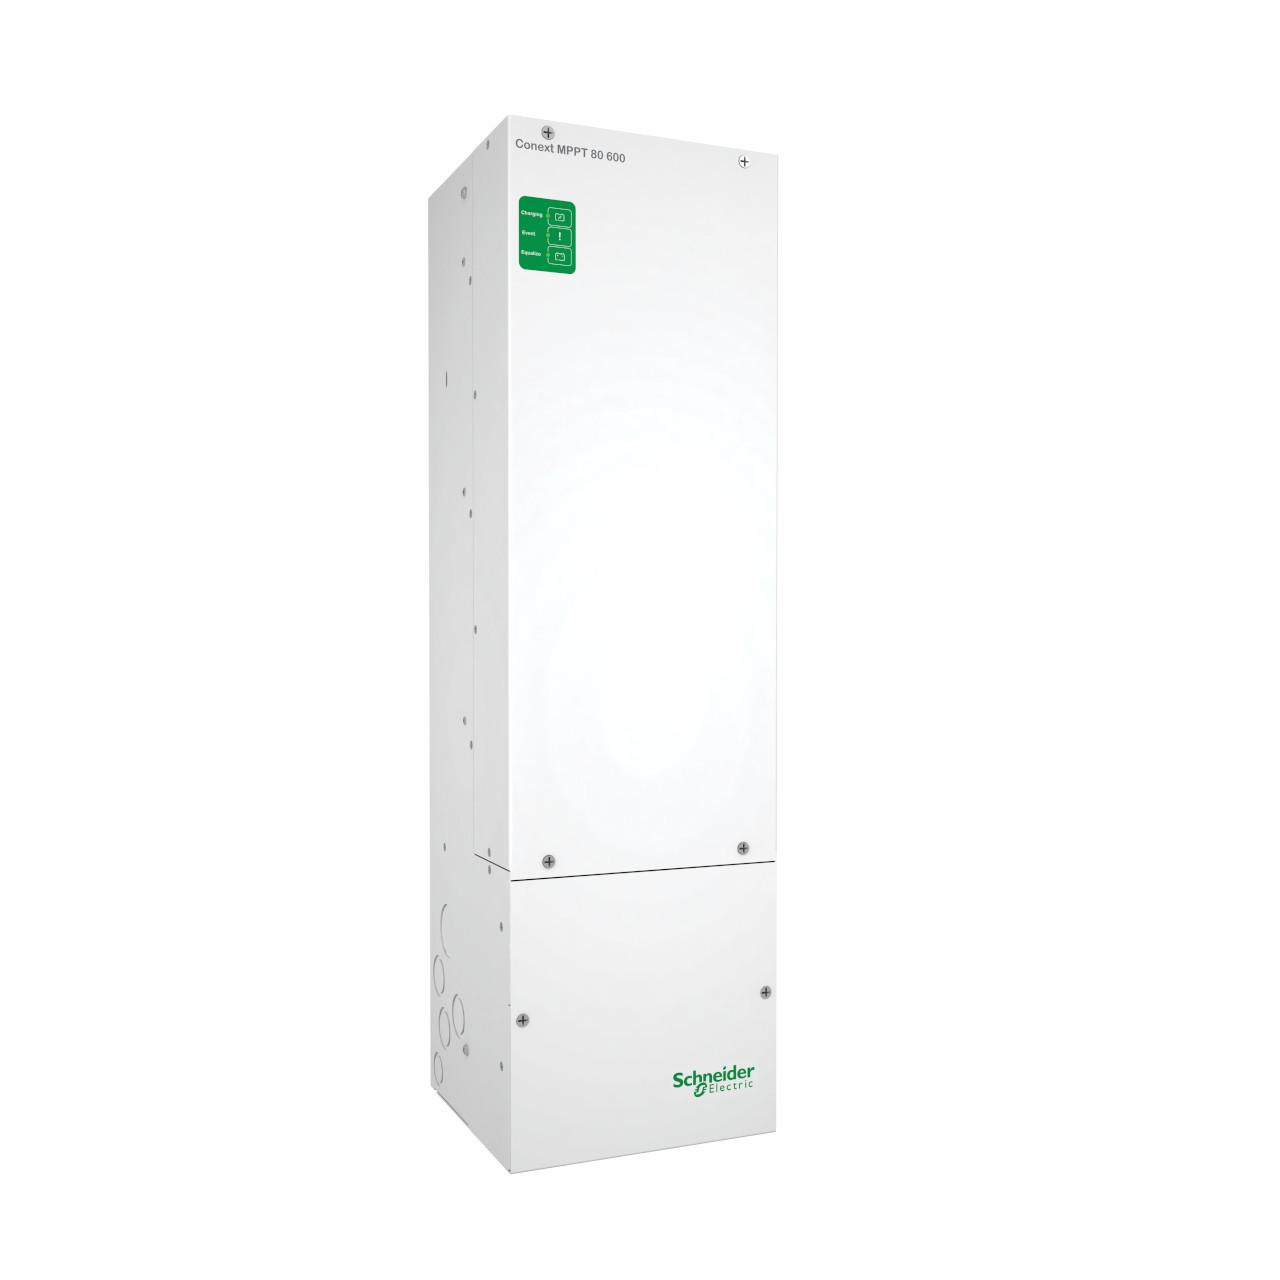 Schneider - Conext MPPT 100-600